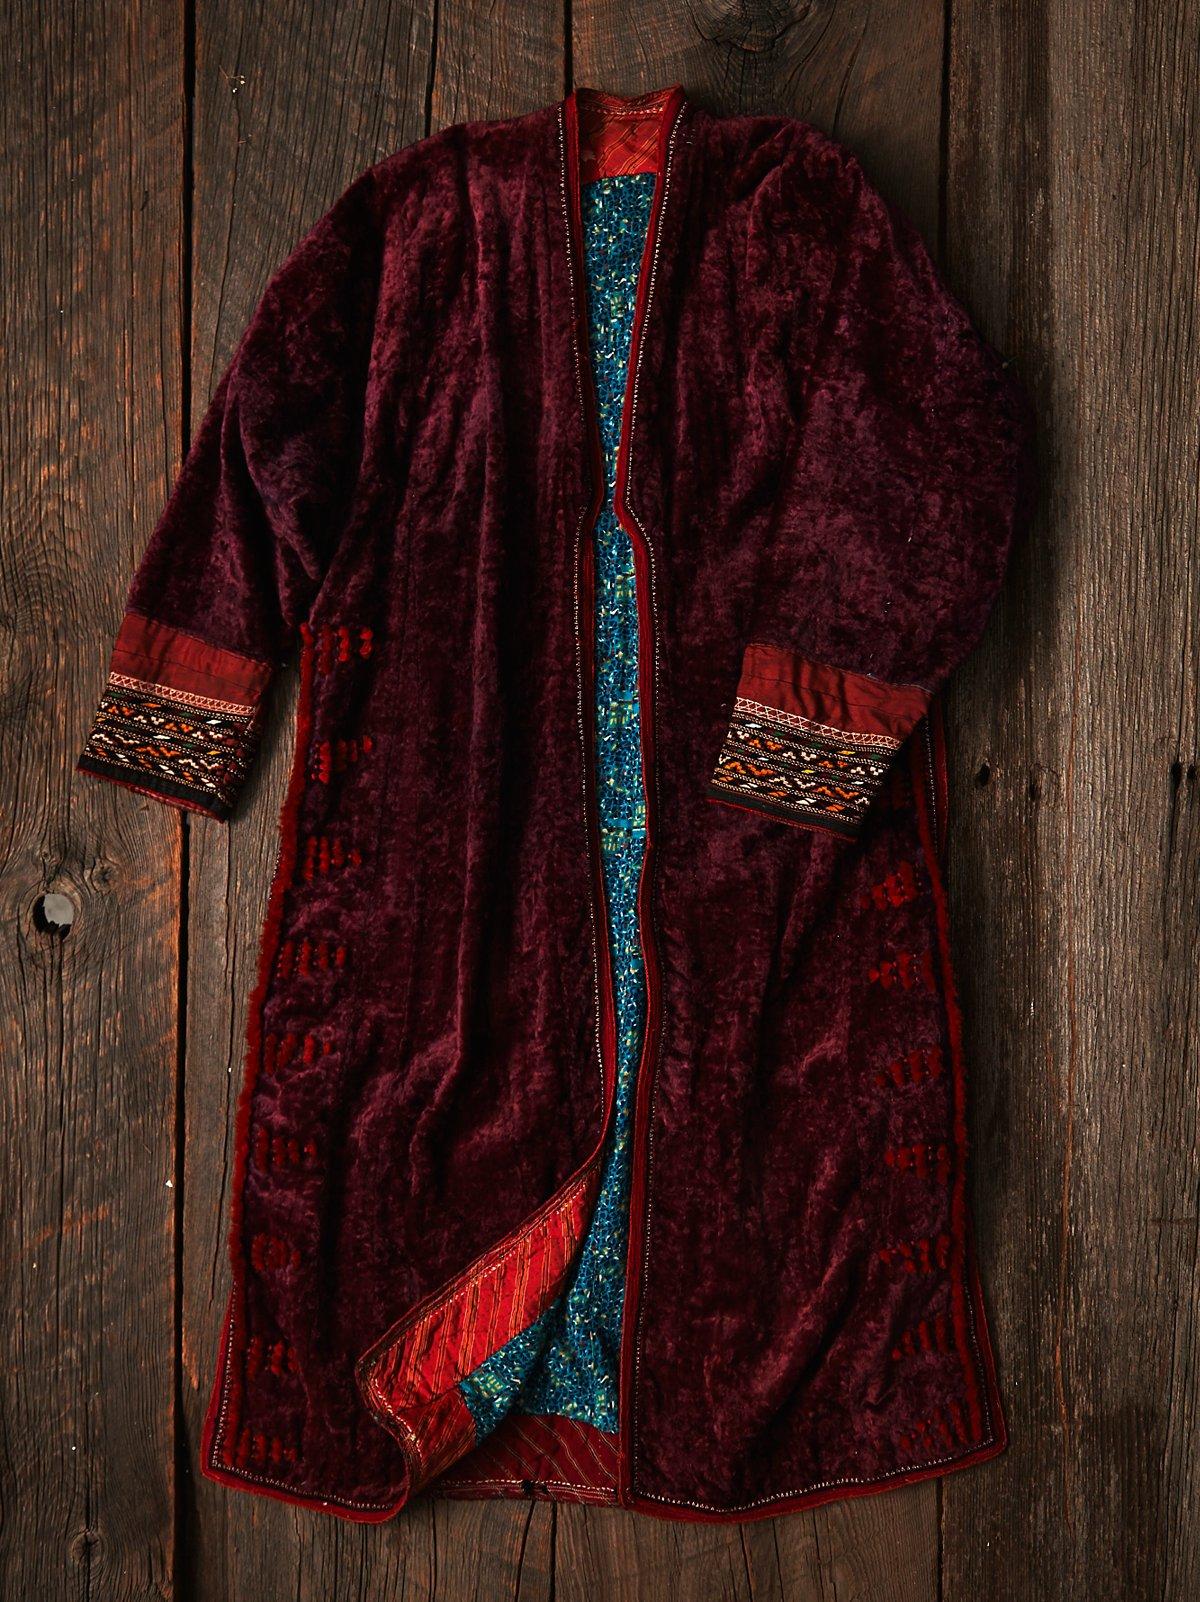 Vintage Embroidered Velvet Jacket